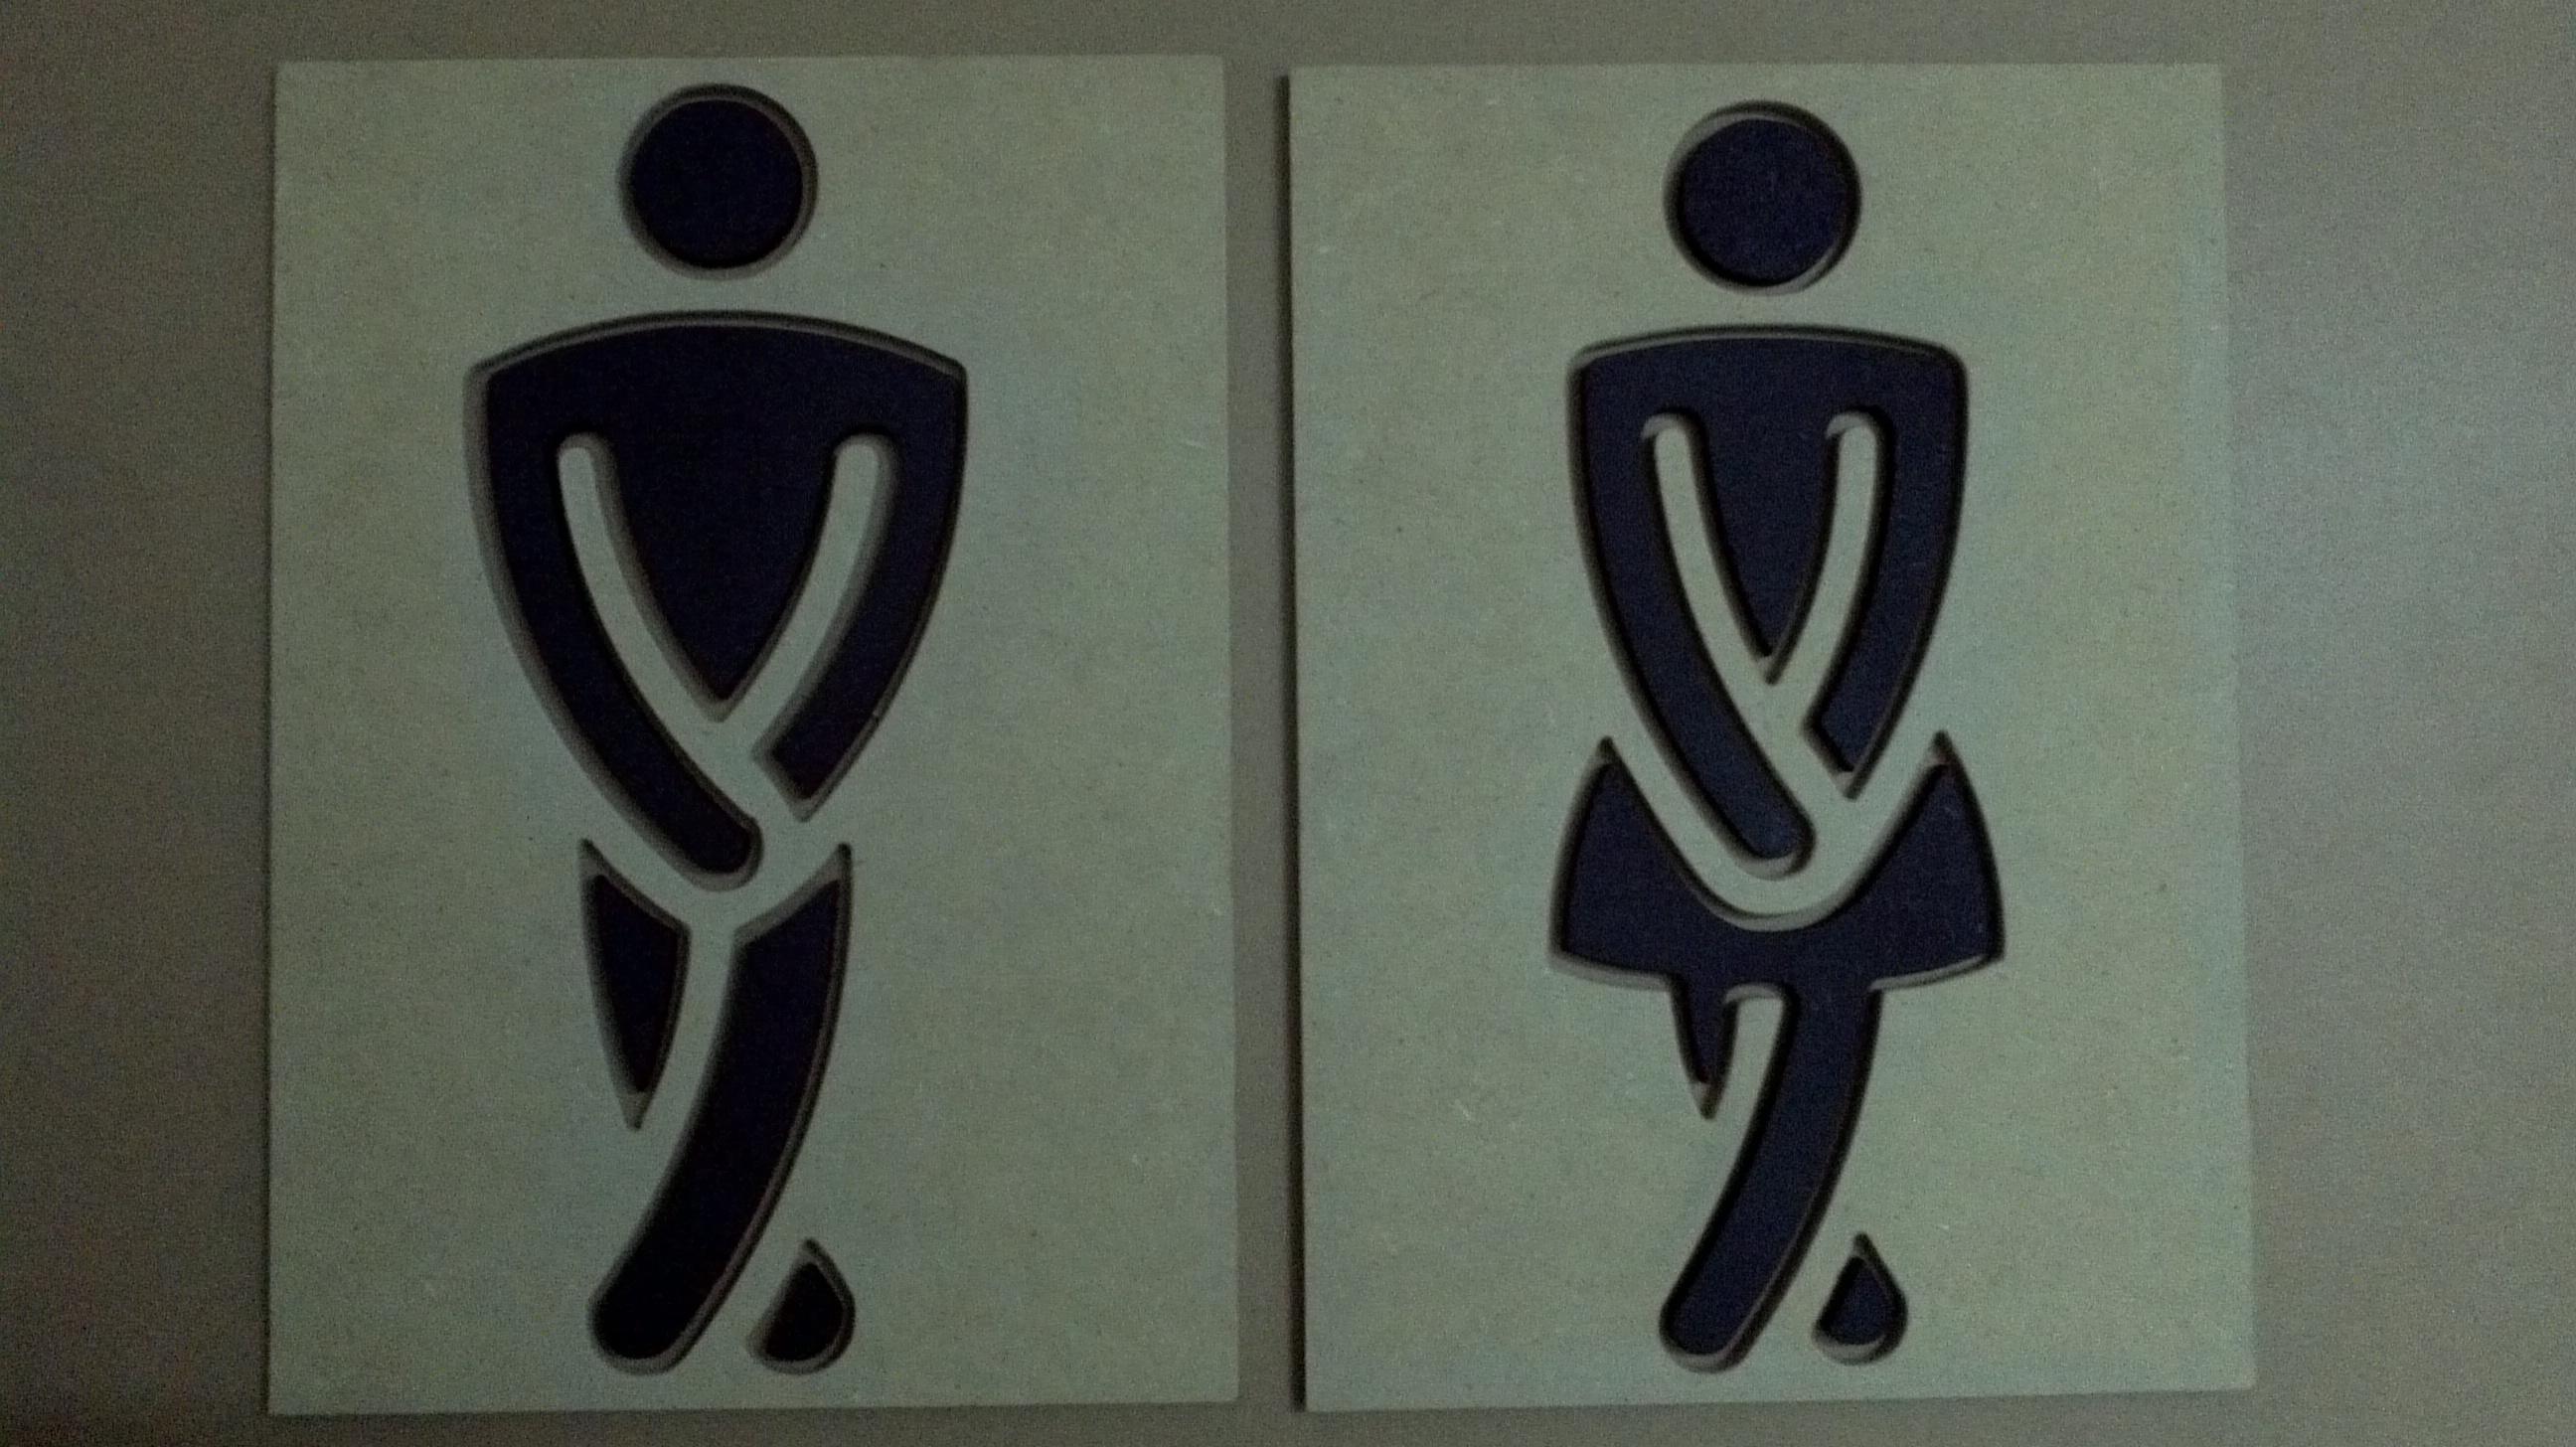 Placa De Banheiro Feminino E Masculino (  bruna lucia  Elo7 -> Banheiro Feminino E Masculino Placa